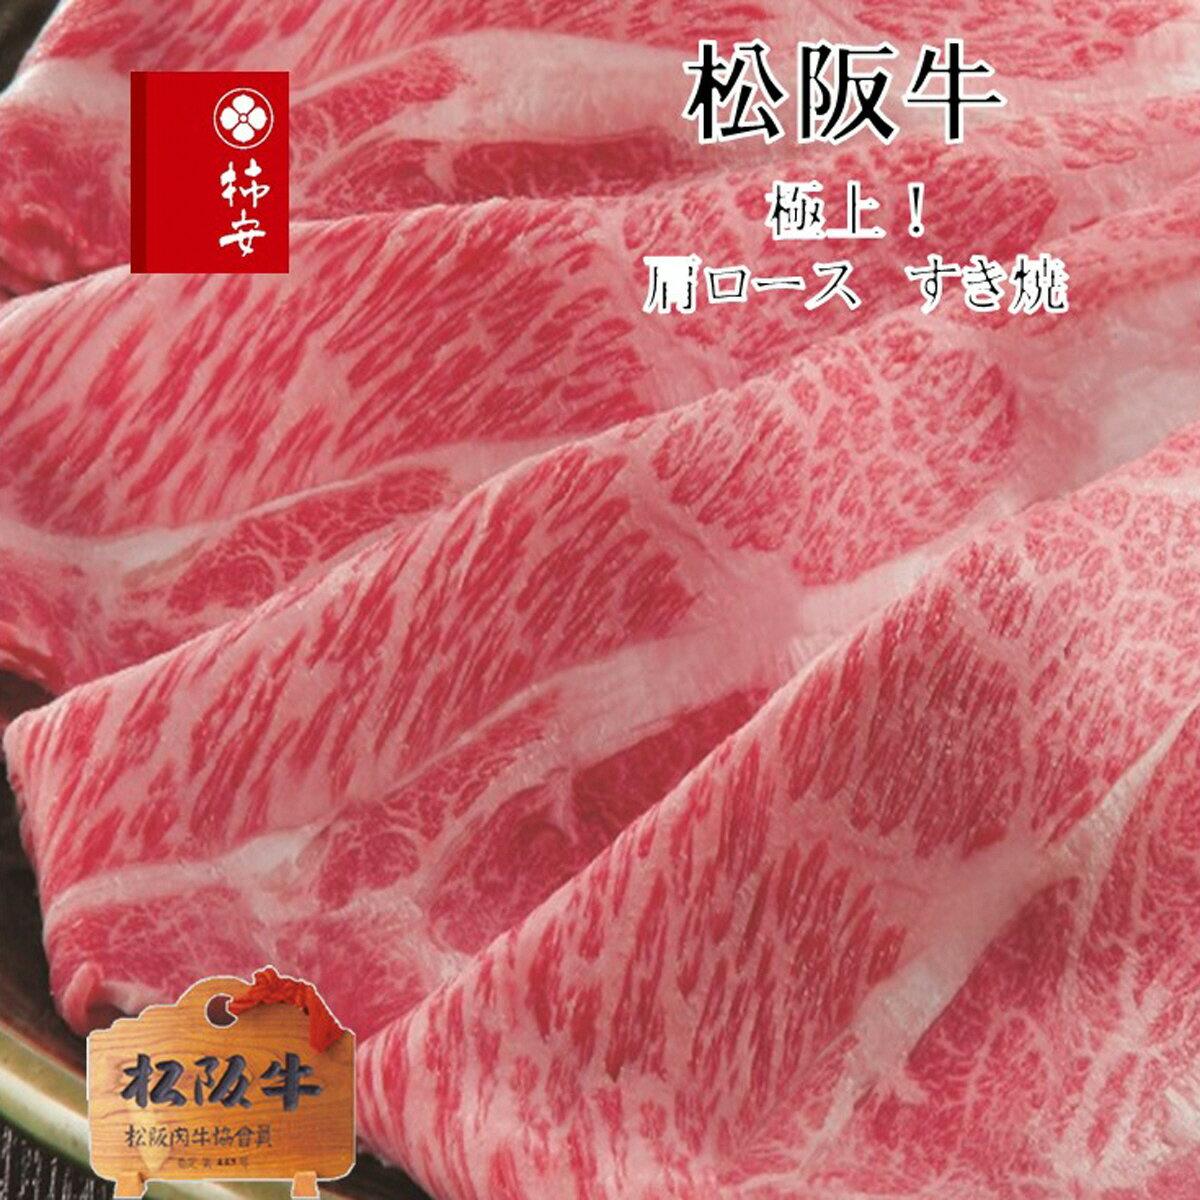 柿安本店 松阪牛 すき焼 肩ロース 400g